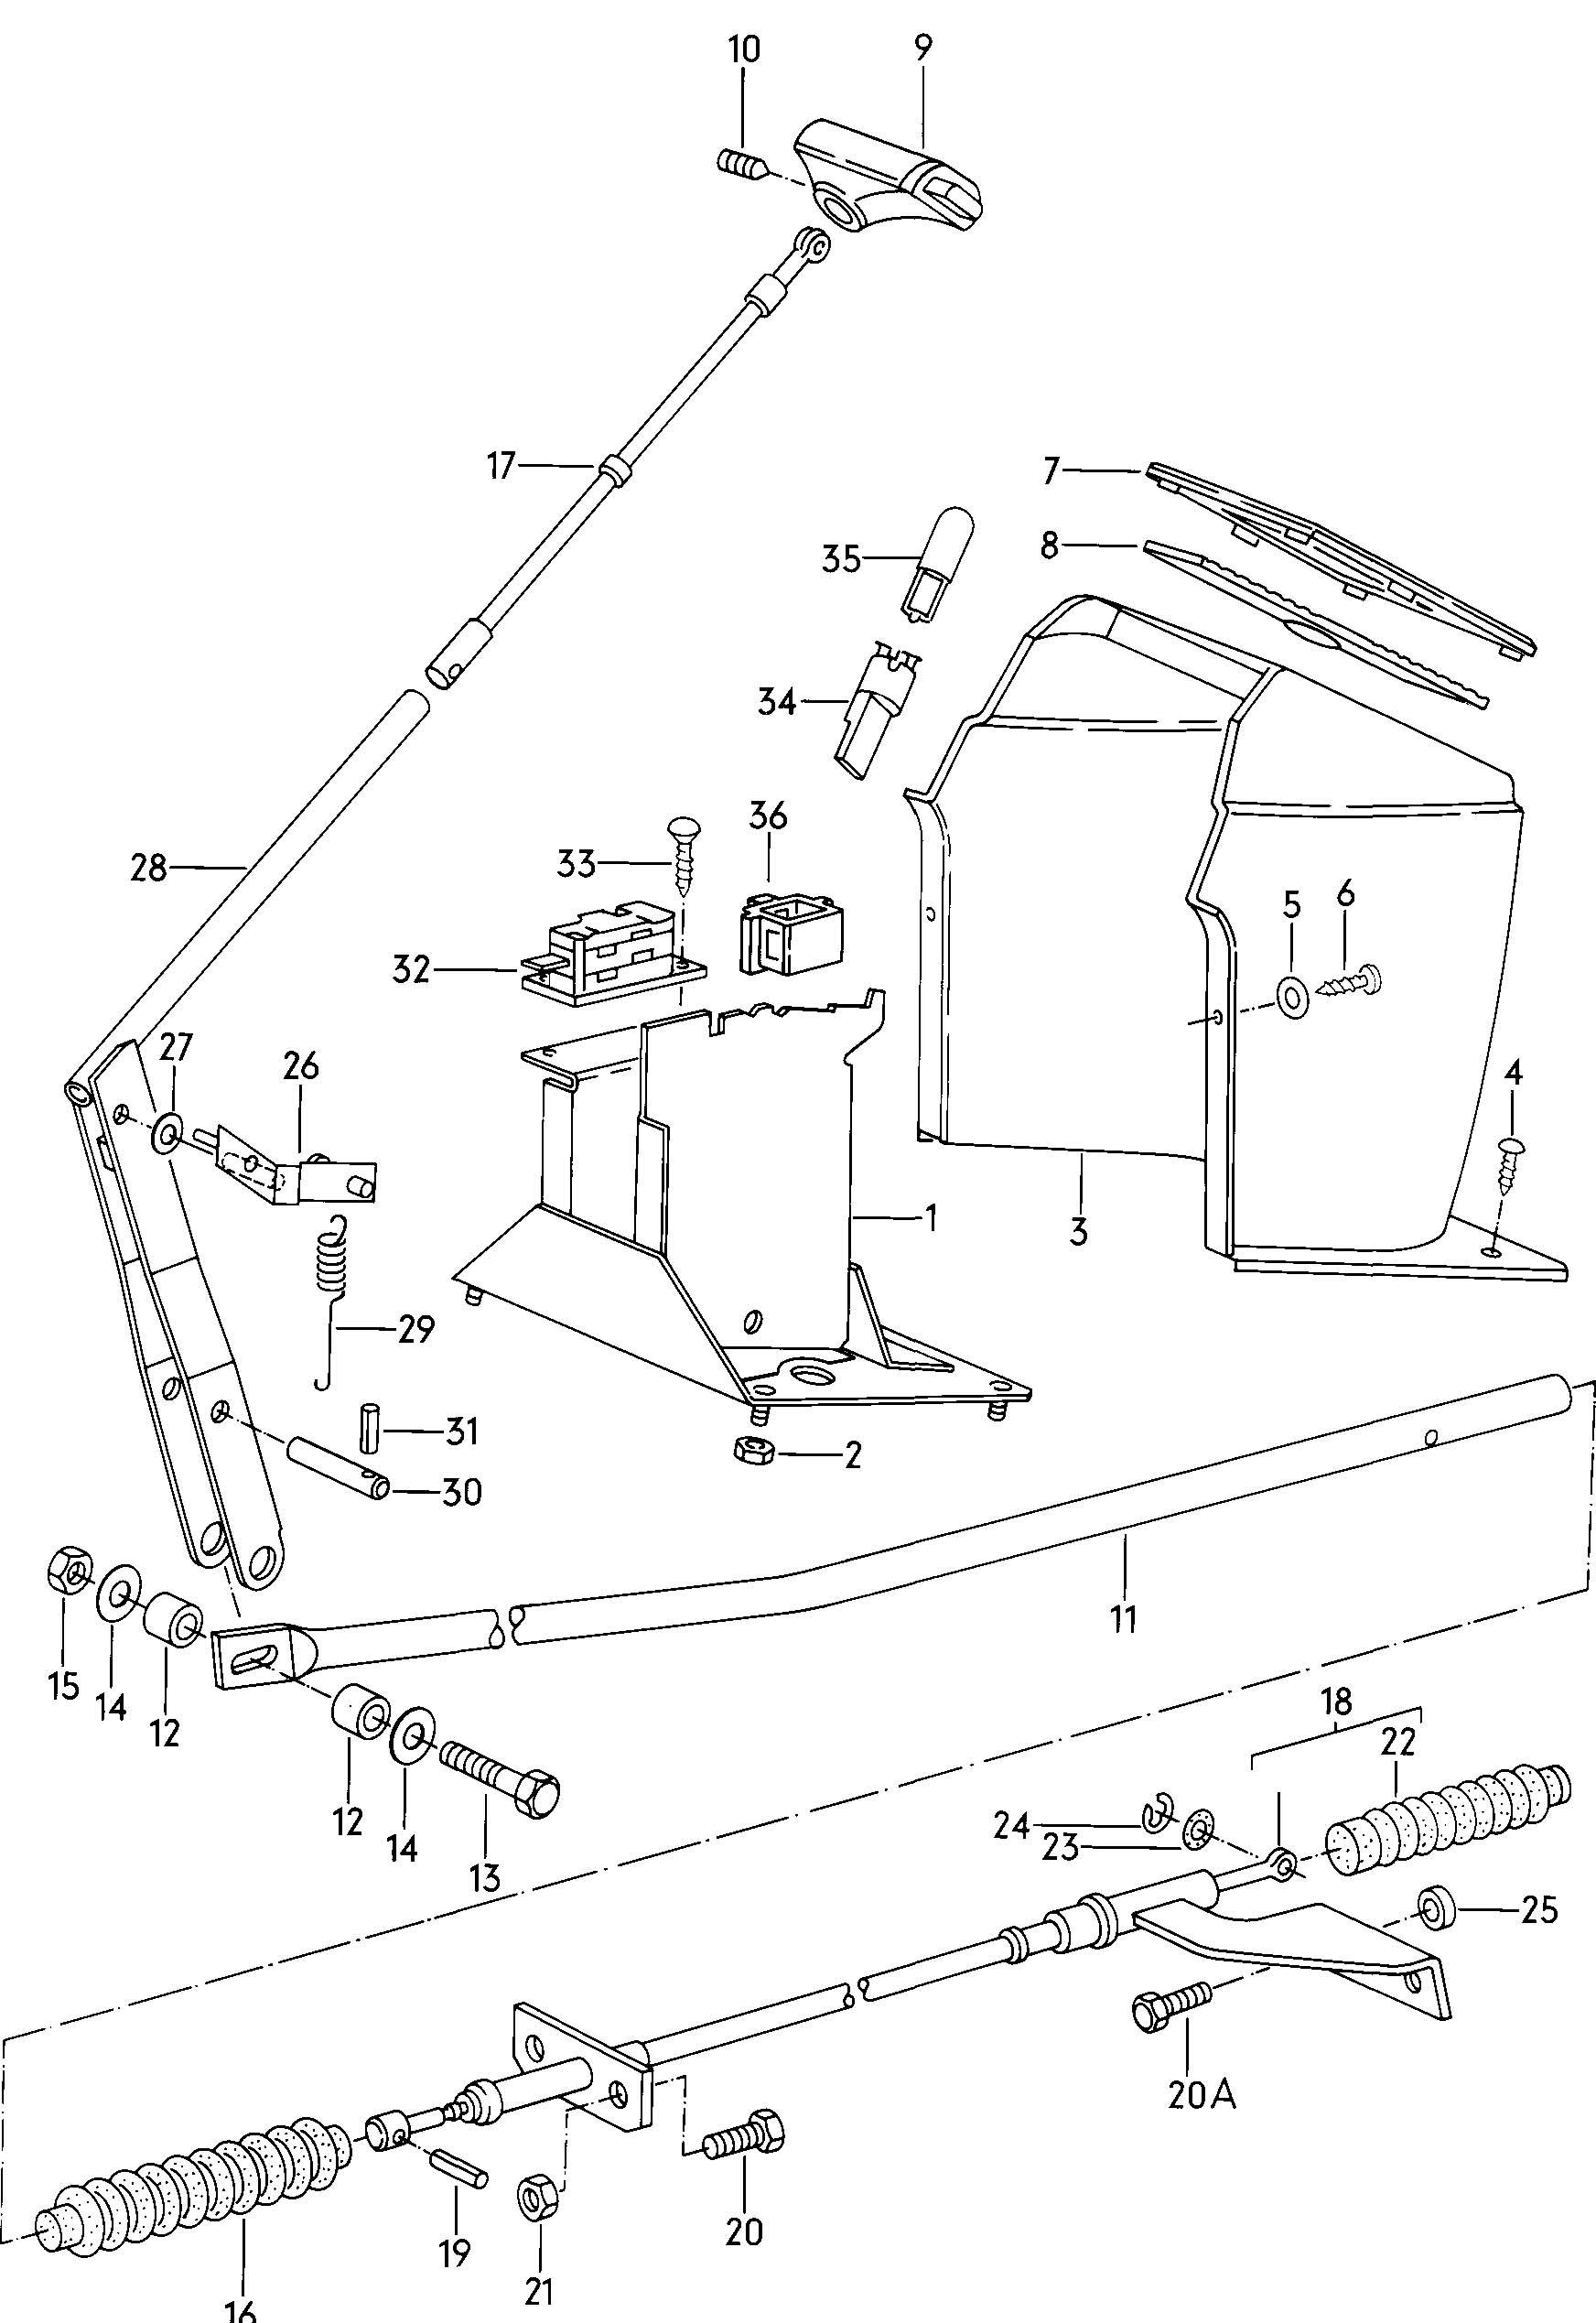 1981 Volkswagen Vanagon Shift mechanism